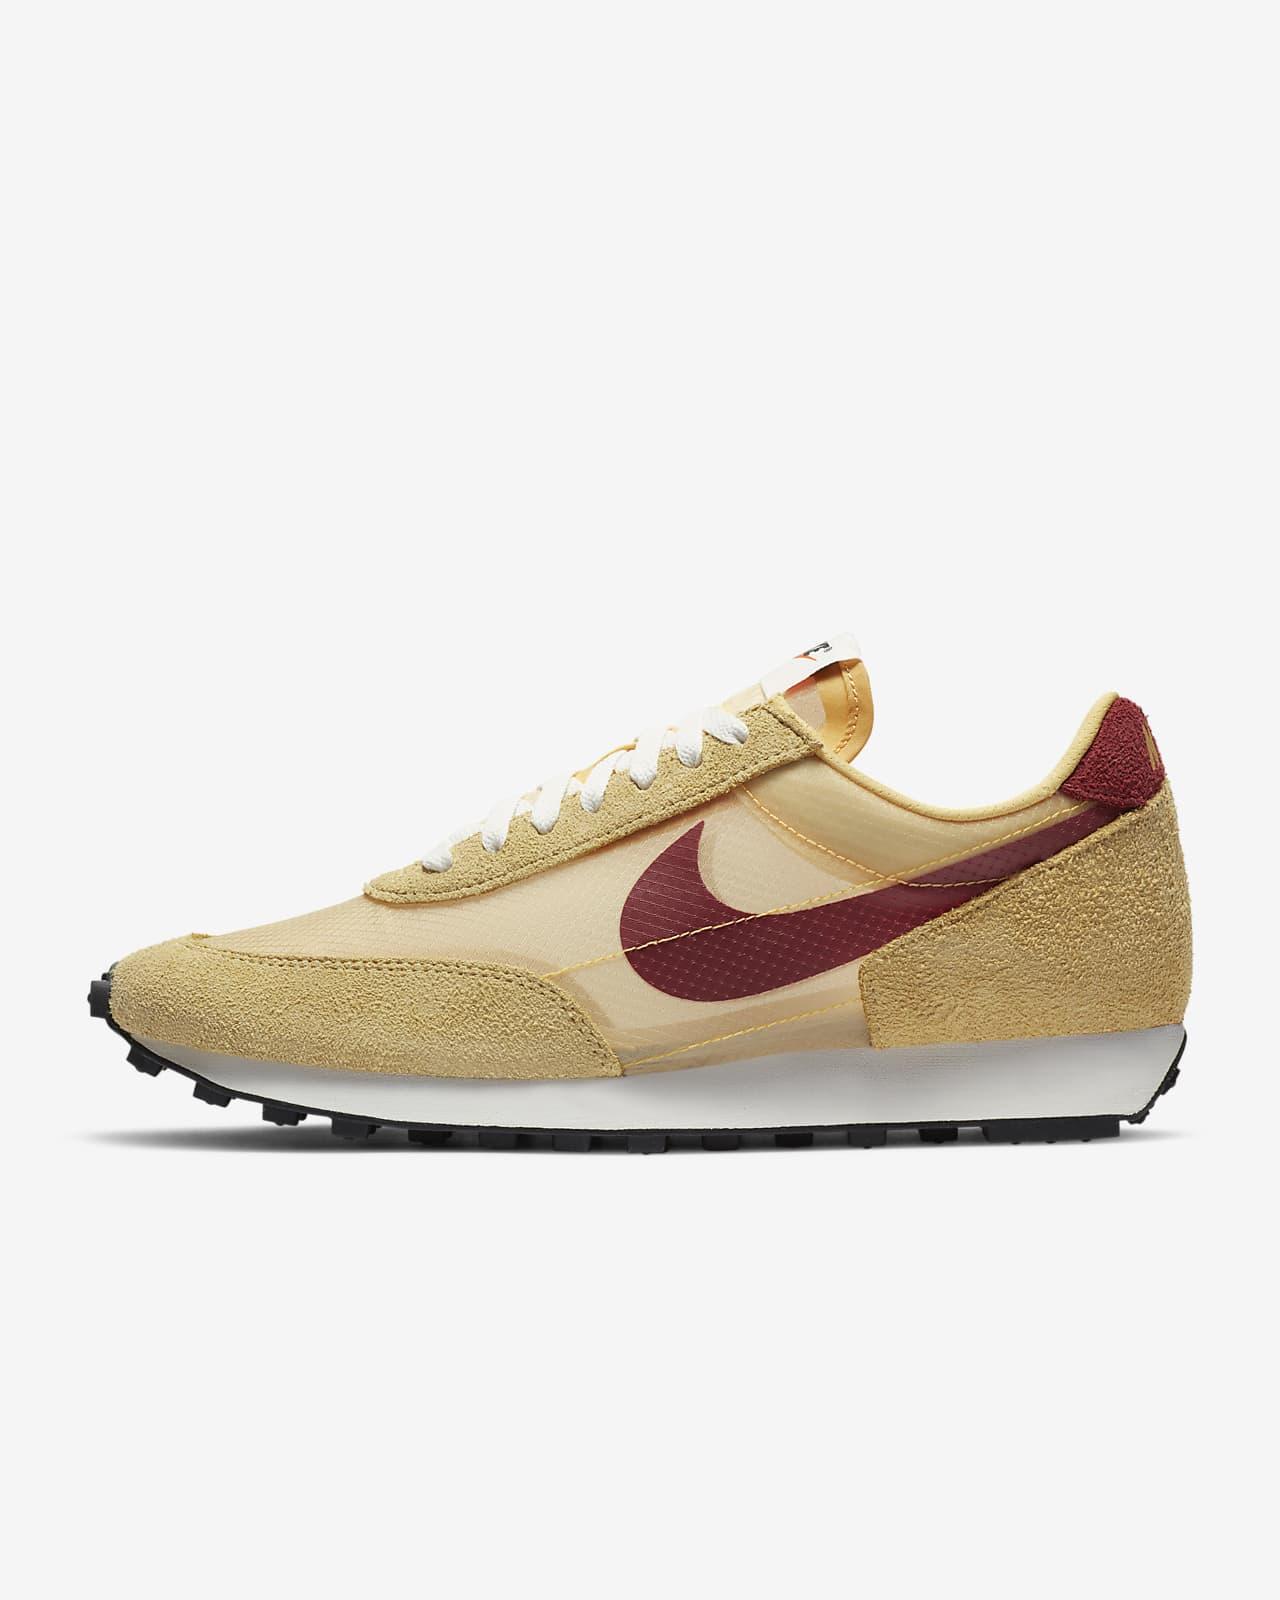 nike zapatos marron